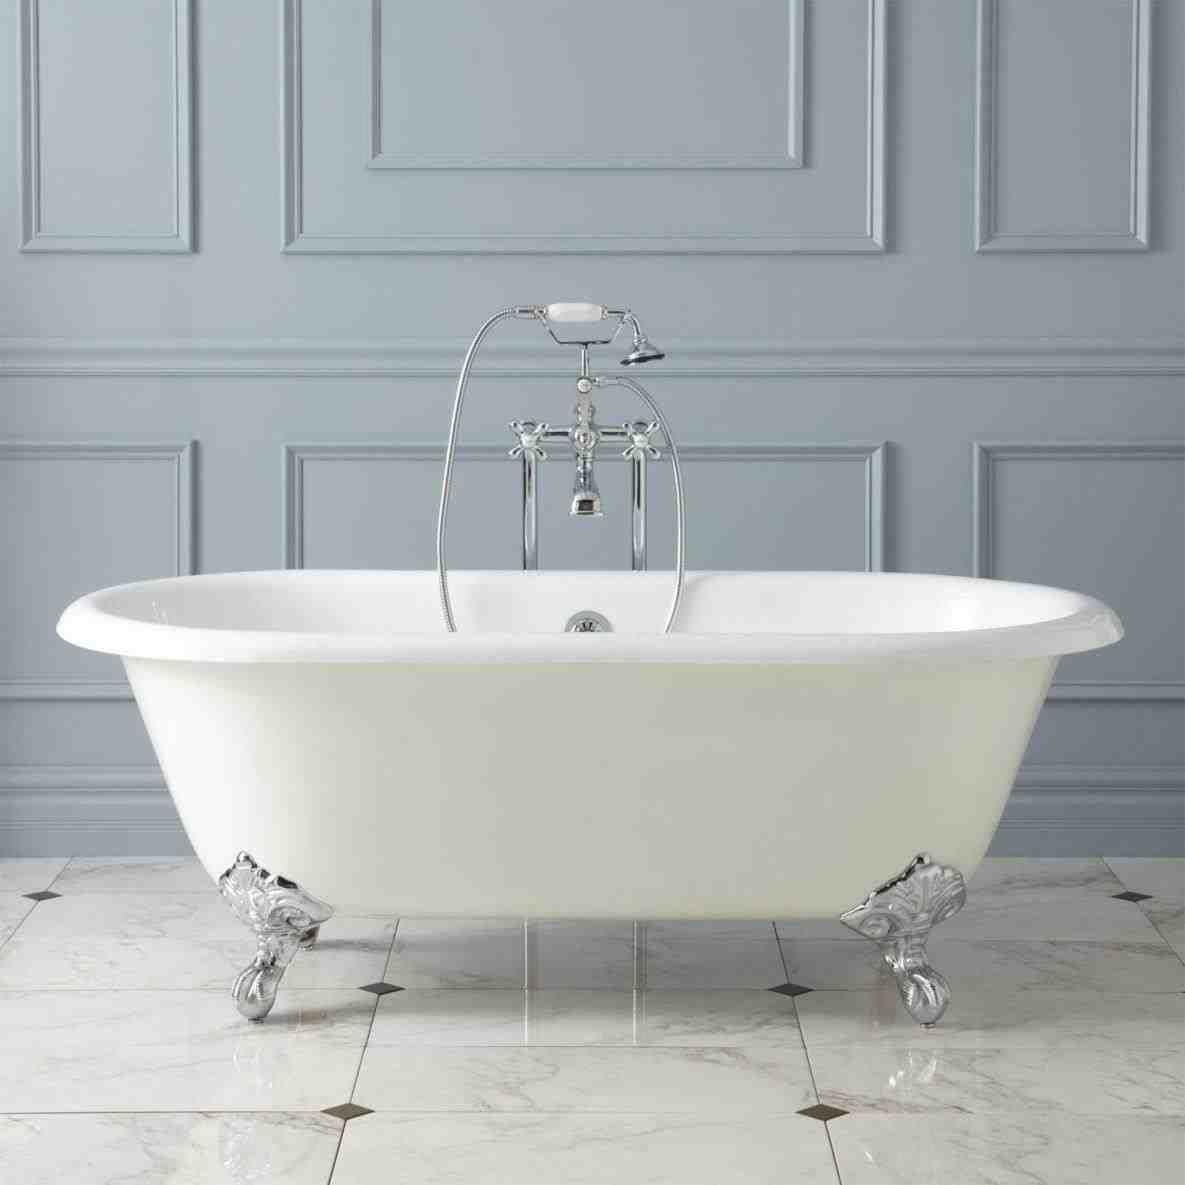 This claw bathtub drawing - lawson white clawfoot bath with chrome ...